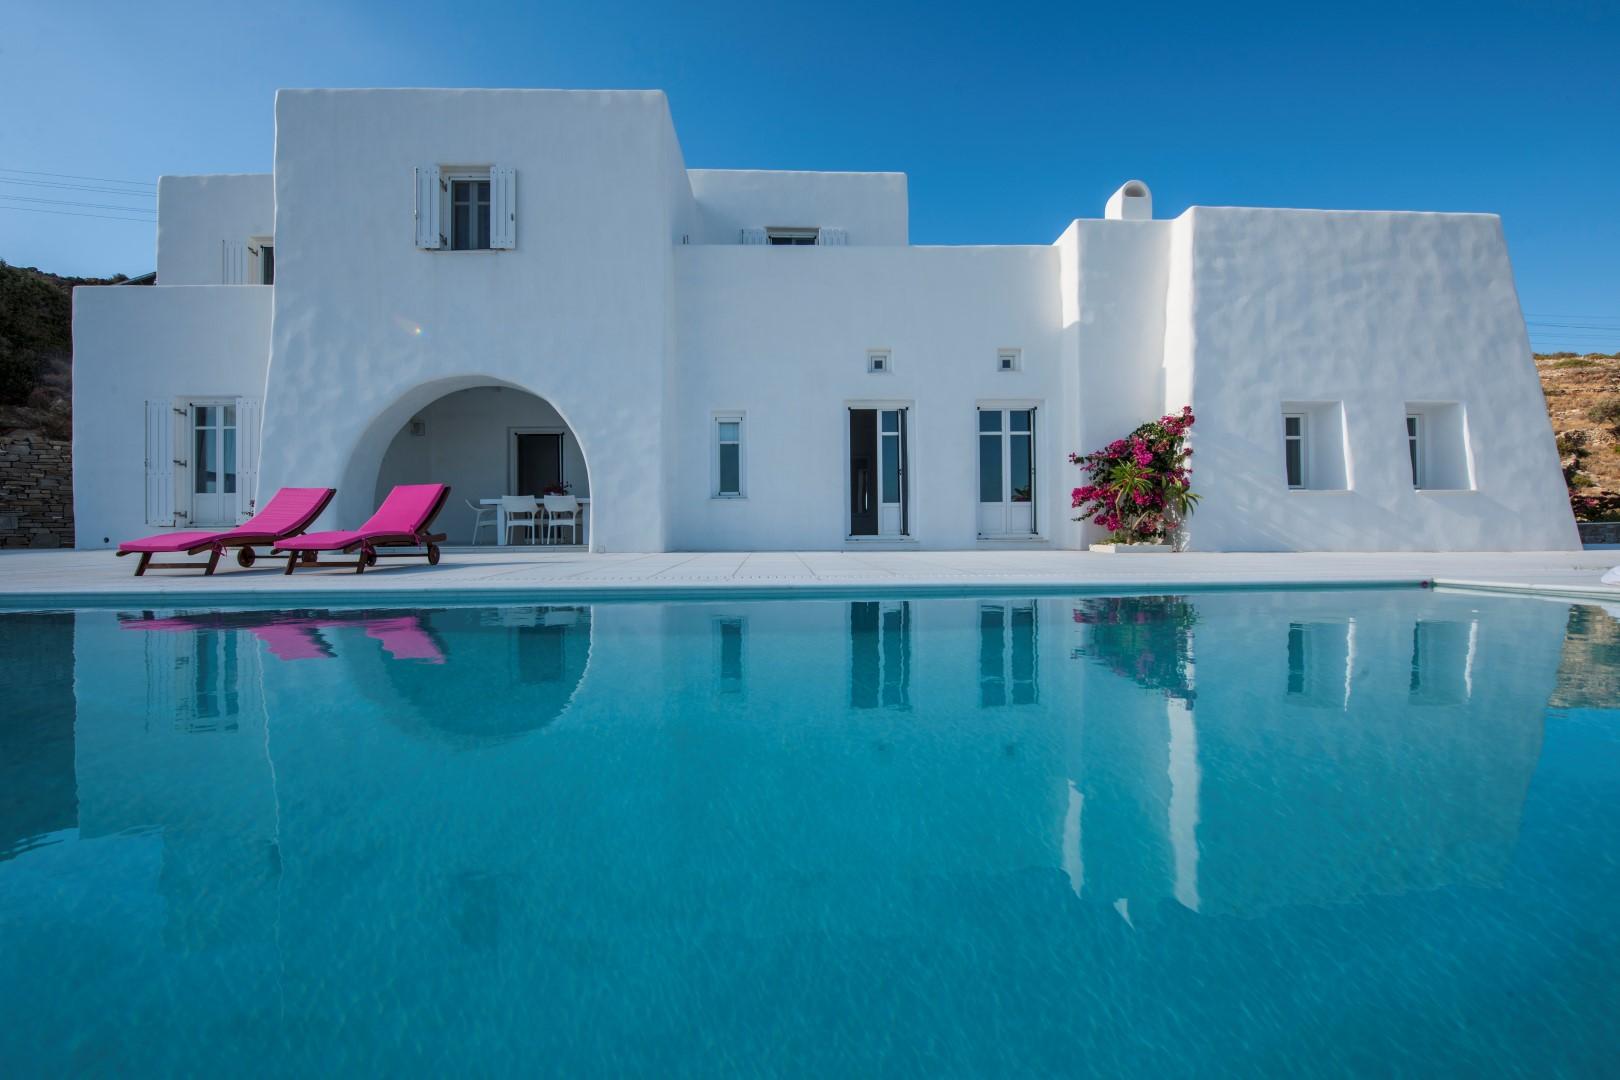 d couvrez mygreek greece lodging holidays. Black Bedroom Furniture Sets. Home Design Ideas